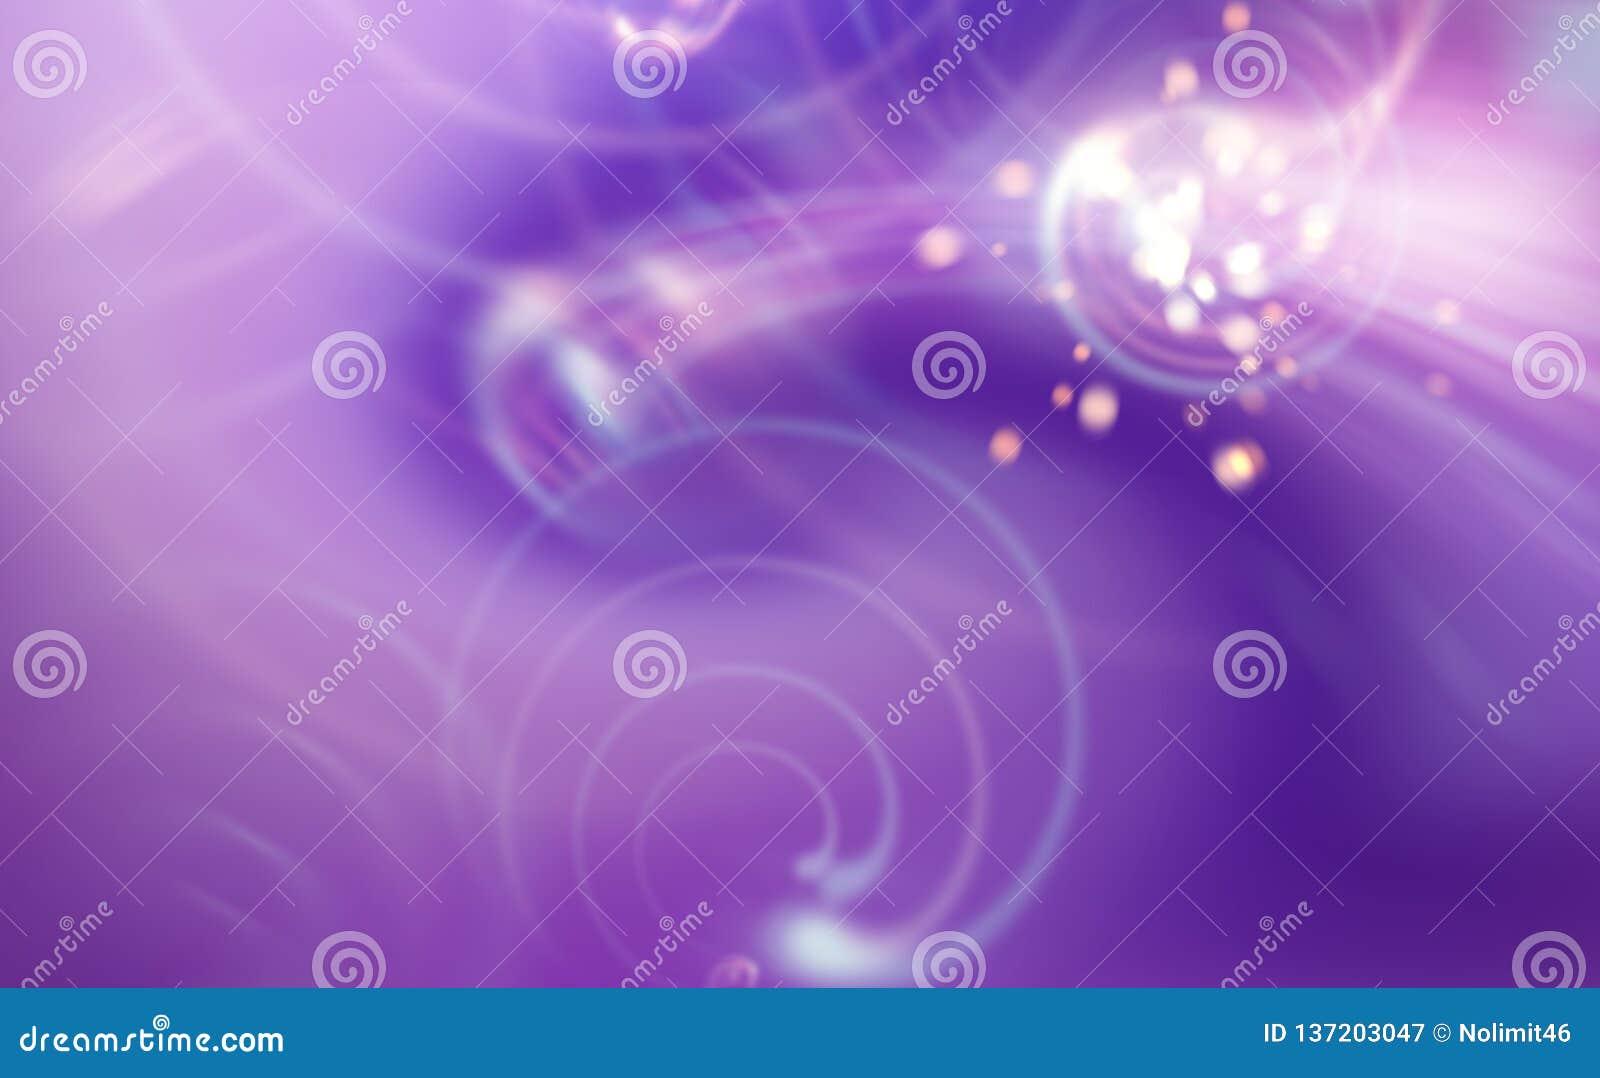 Os elementos instantâneos colocam com nuvens e efeito instantâneo, fundo moderno brilhante, ilustração 3d gerada por computador